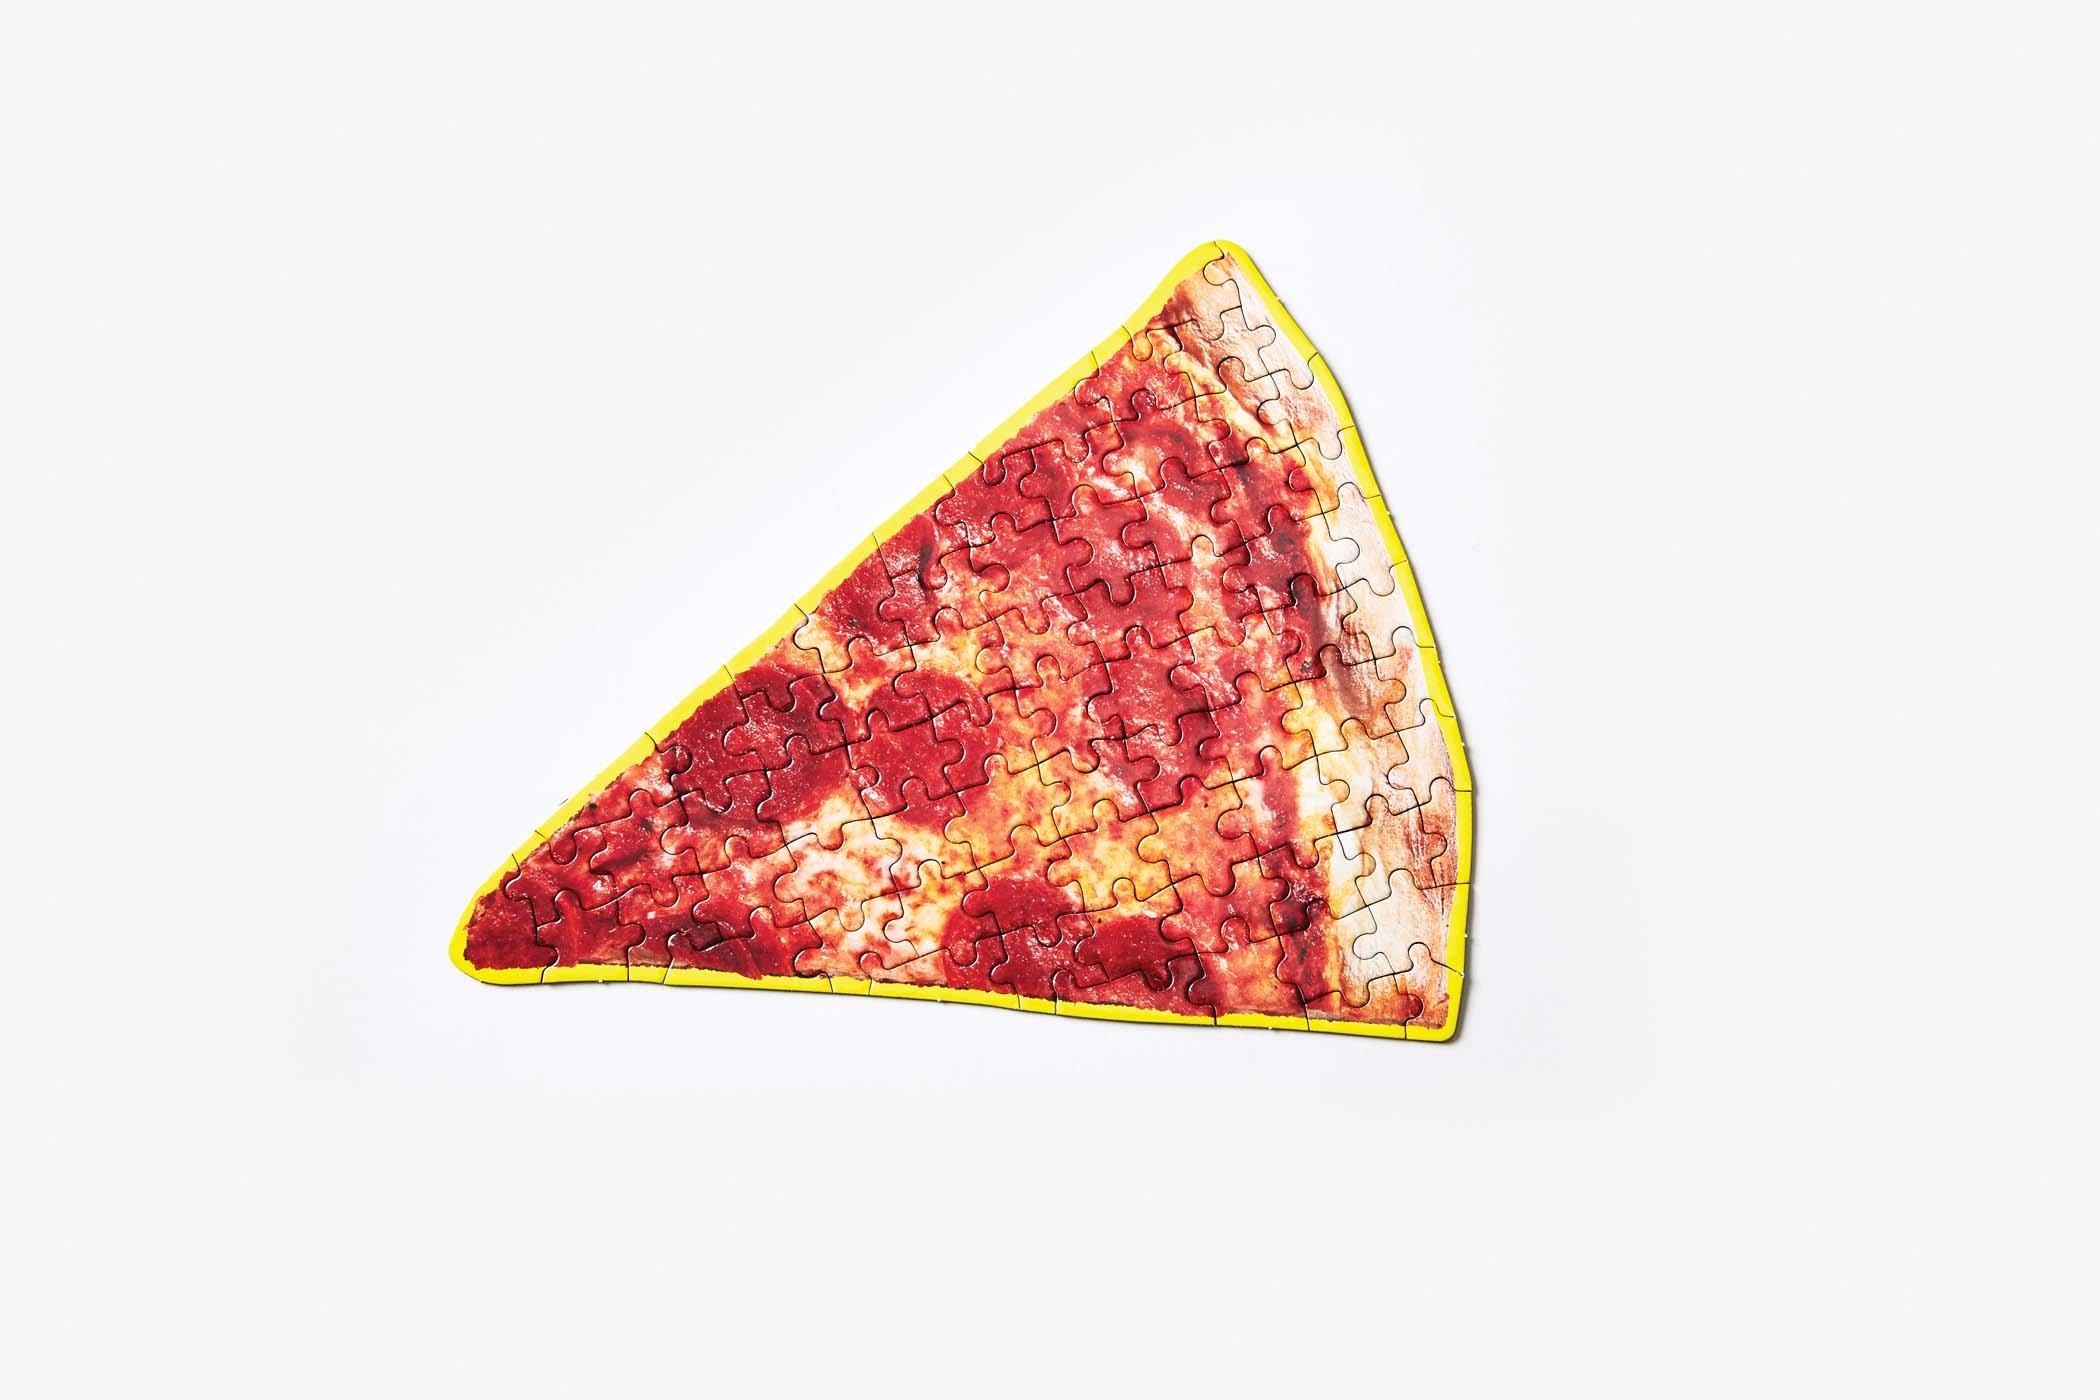 美味しそうな!ピザやラーメンのジグソーパズル!!